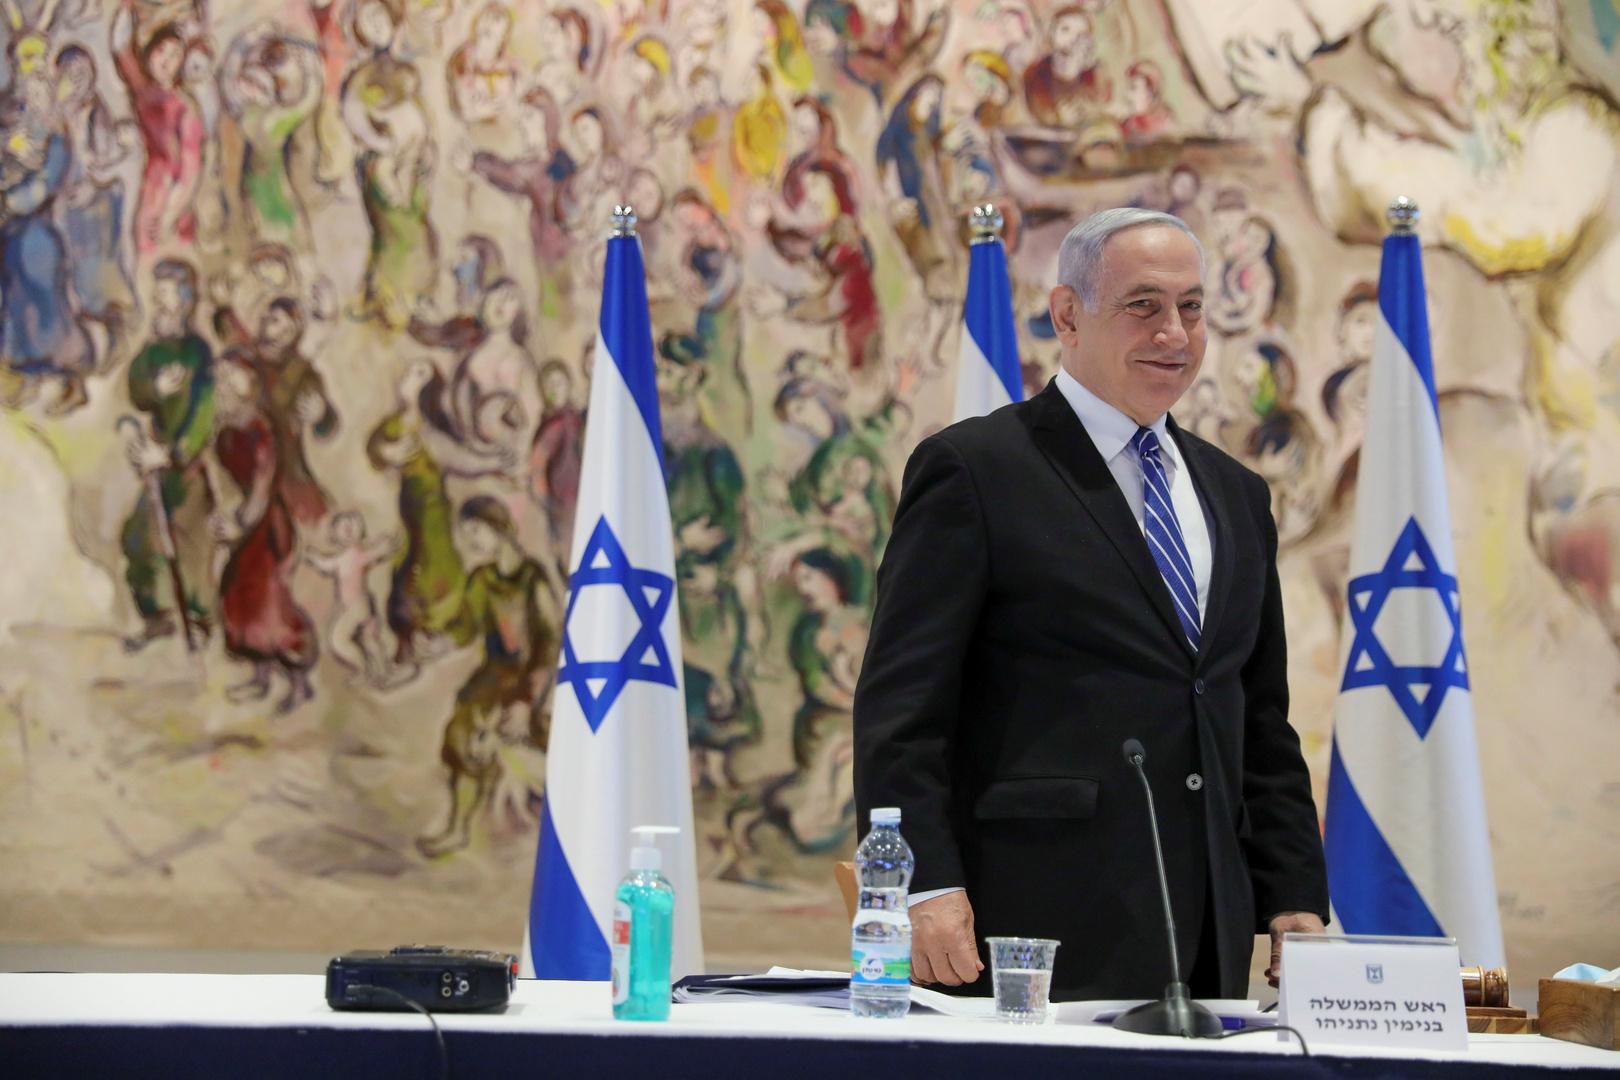 موقع فرنسي: أجهزة الأمن الإسرائيلية حذرت نتنياهو من مخاطر خطة الضم